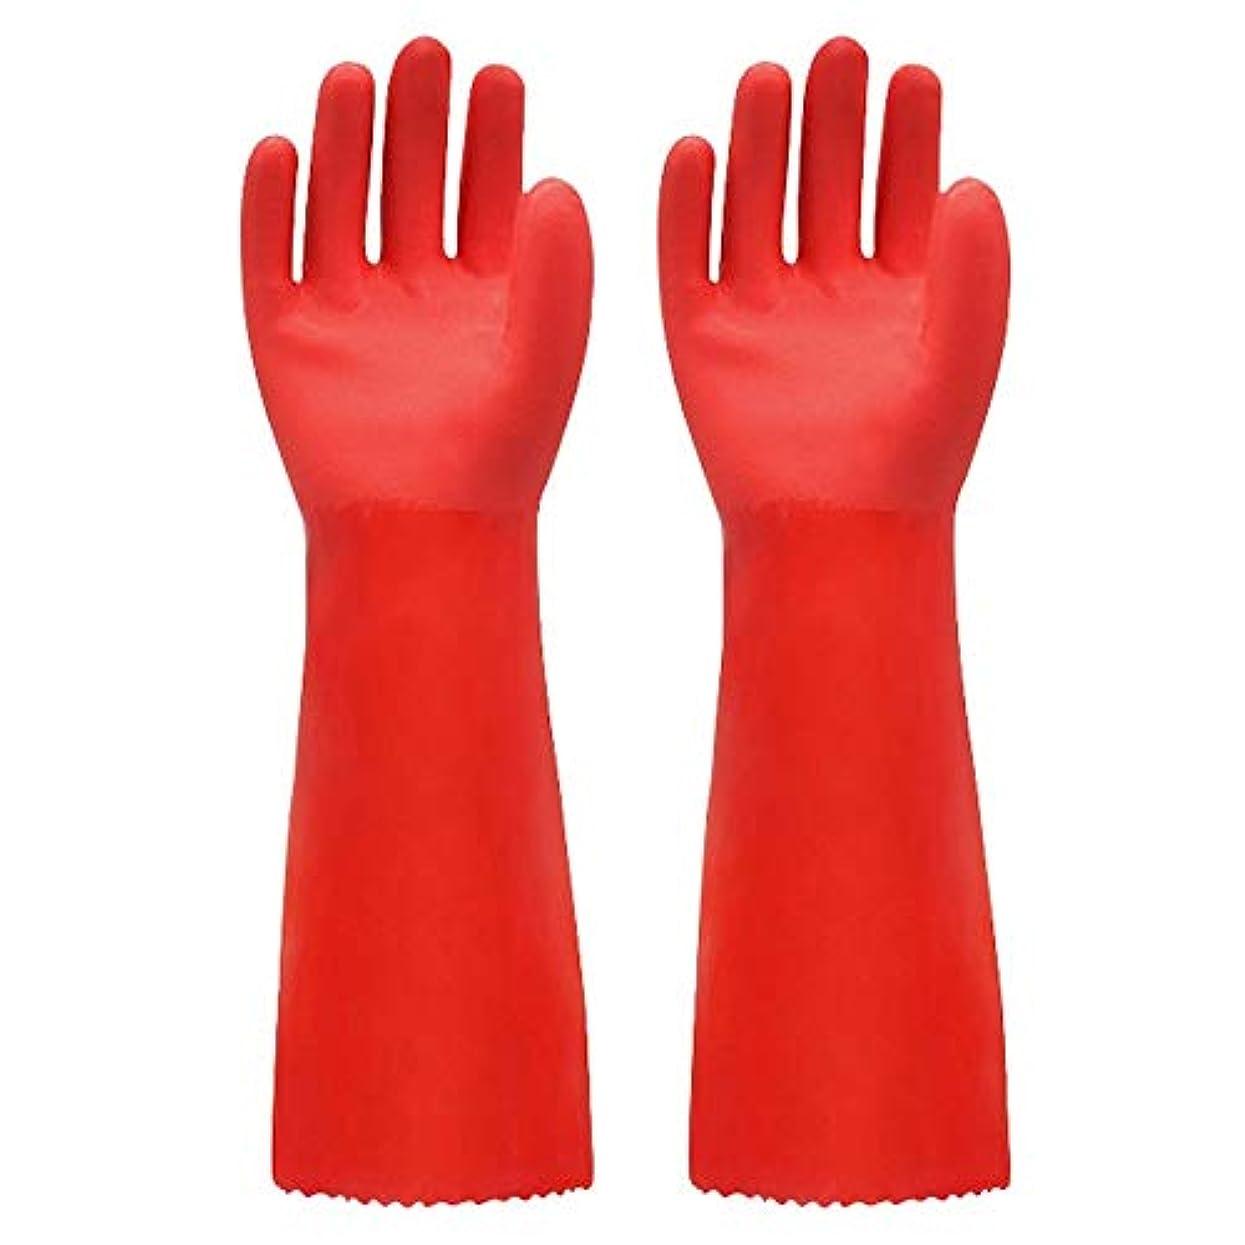 二十引き出しとまり木ニトリルゴム手袋 ゴム手袋長く暖かいとビロードのゴム製防水と耐久性のある手袋、1ペア 使い捨て手袋 (Color : RED, Size : L)